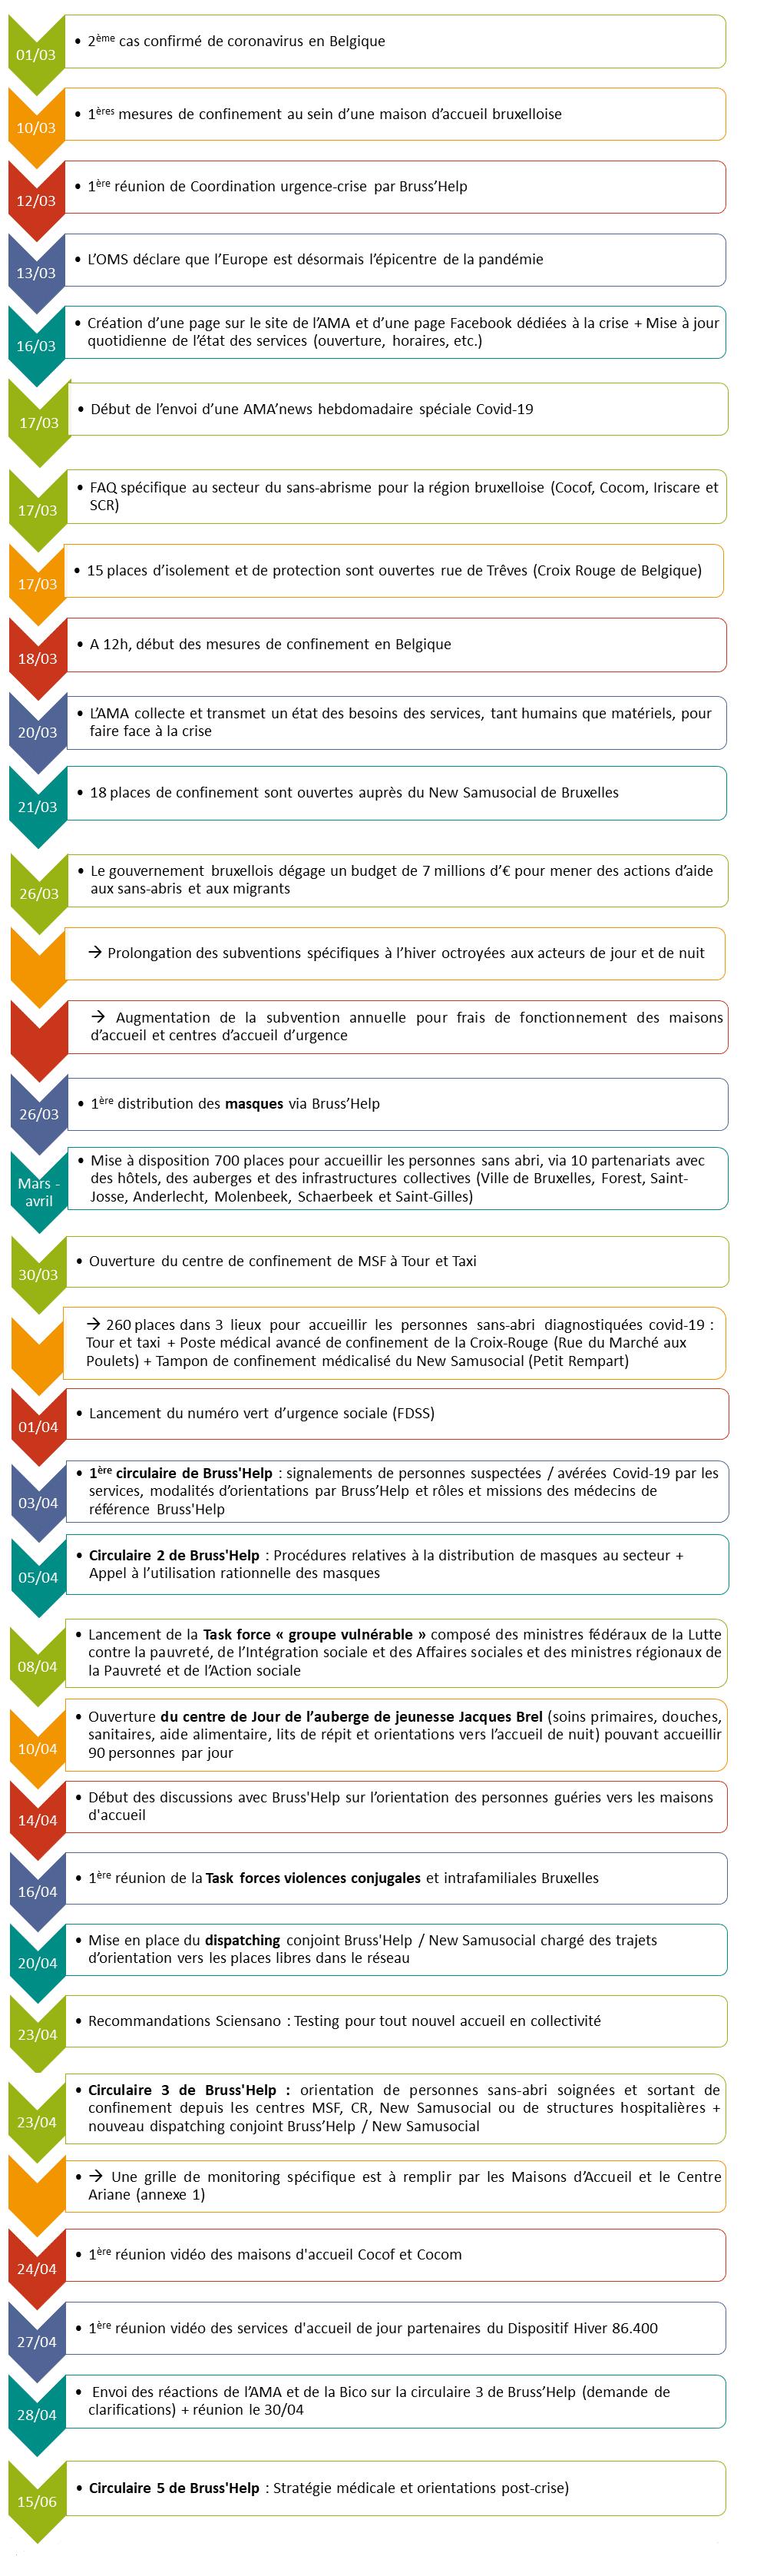 Chronologie de la crise BXL